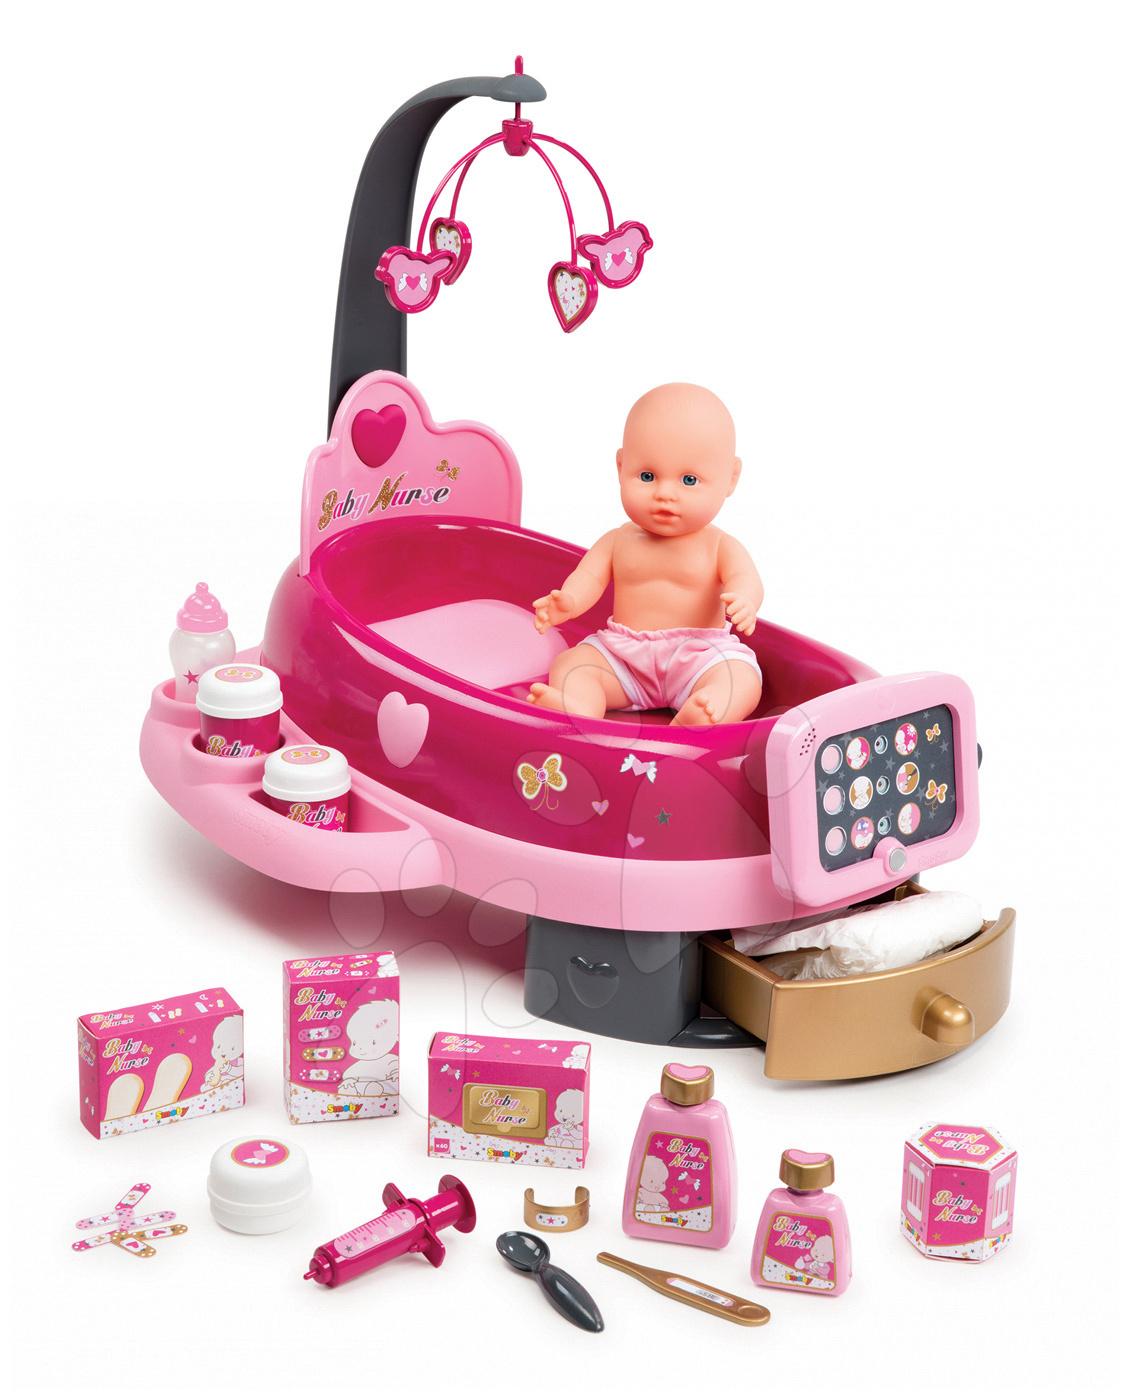 Pečovatelské centrum pro panenky Baby Nurse Zlatá edice Smoby s 32 cm panenkou